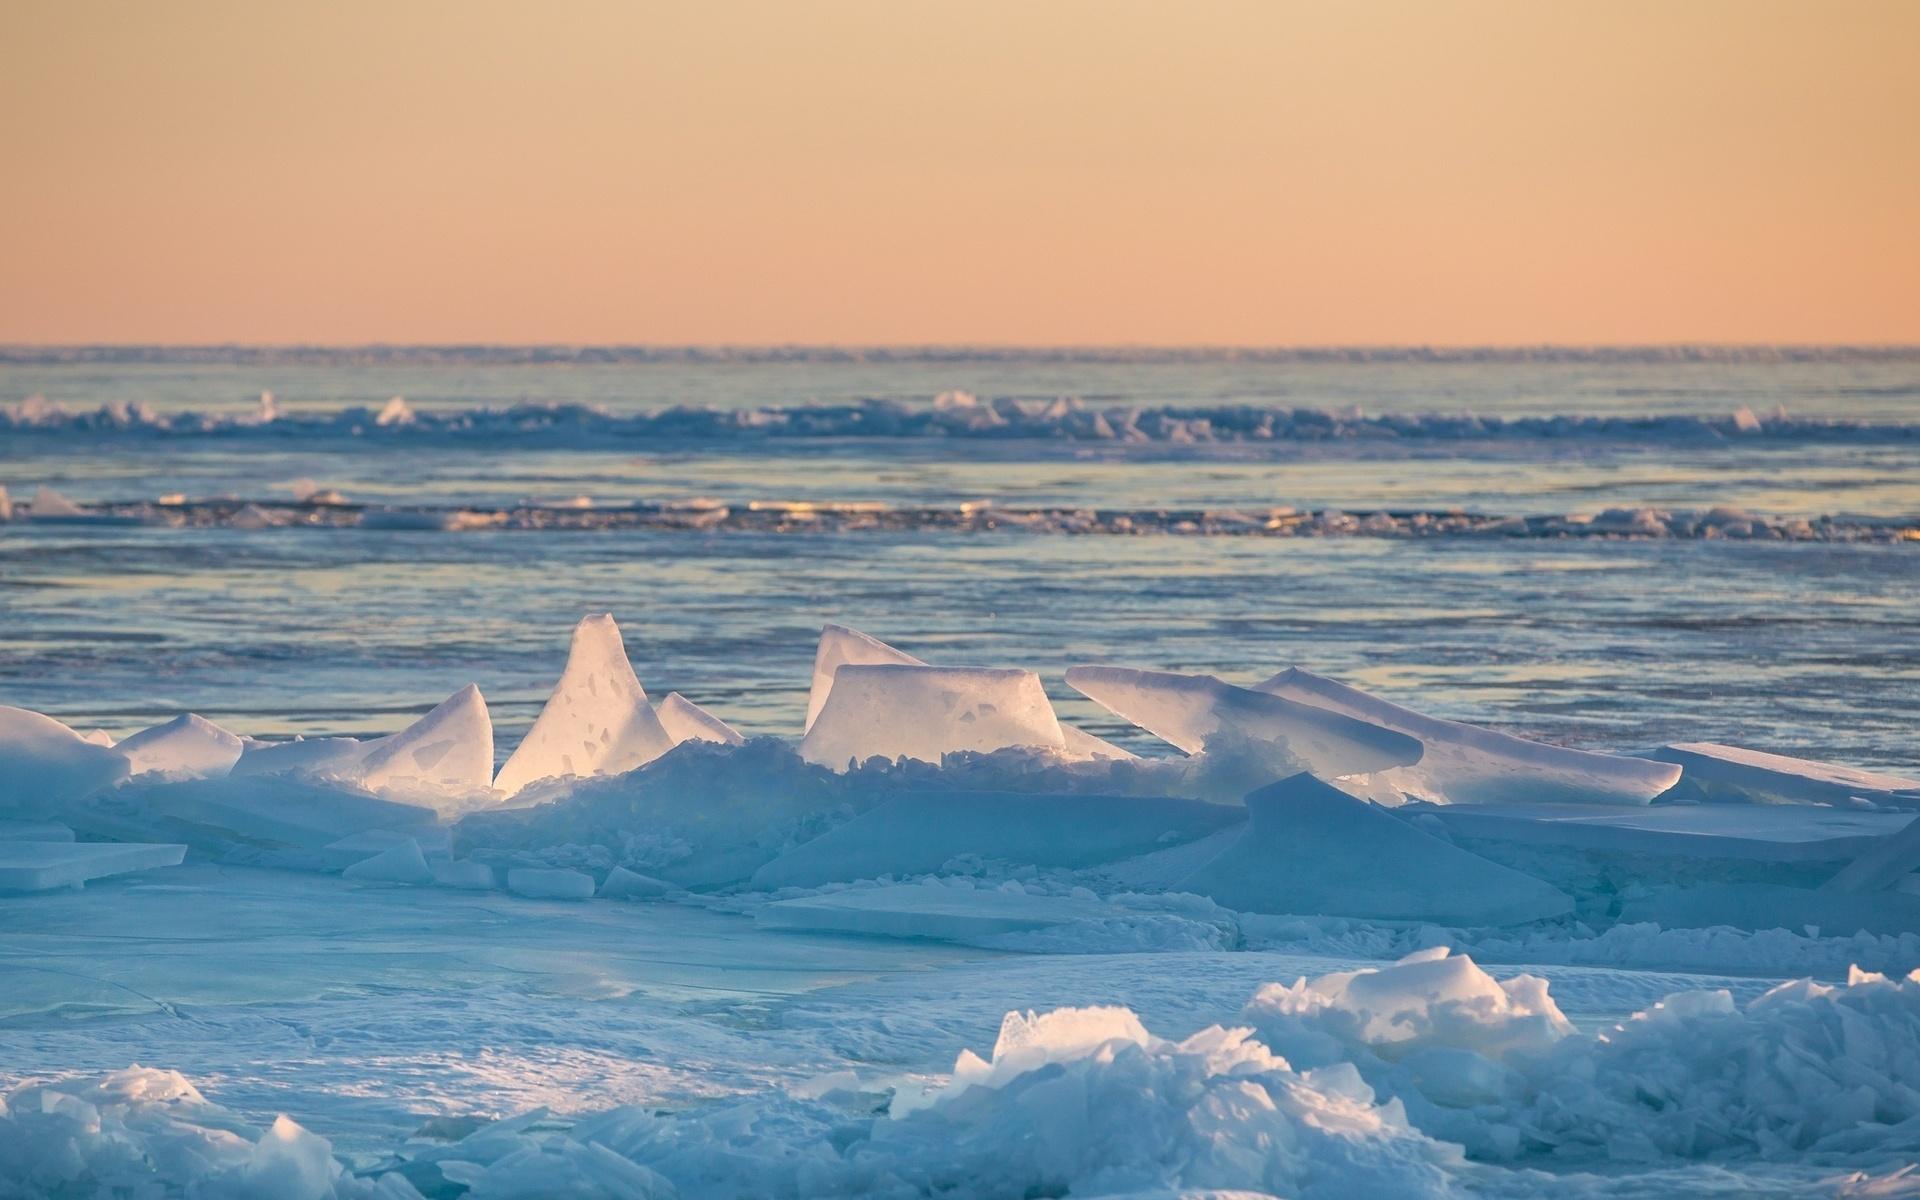 обои море зимой для рабочего стола № 632314  скачать